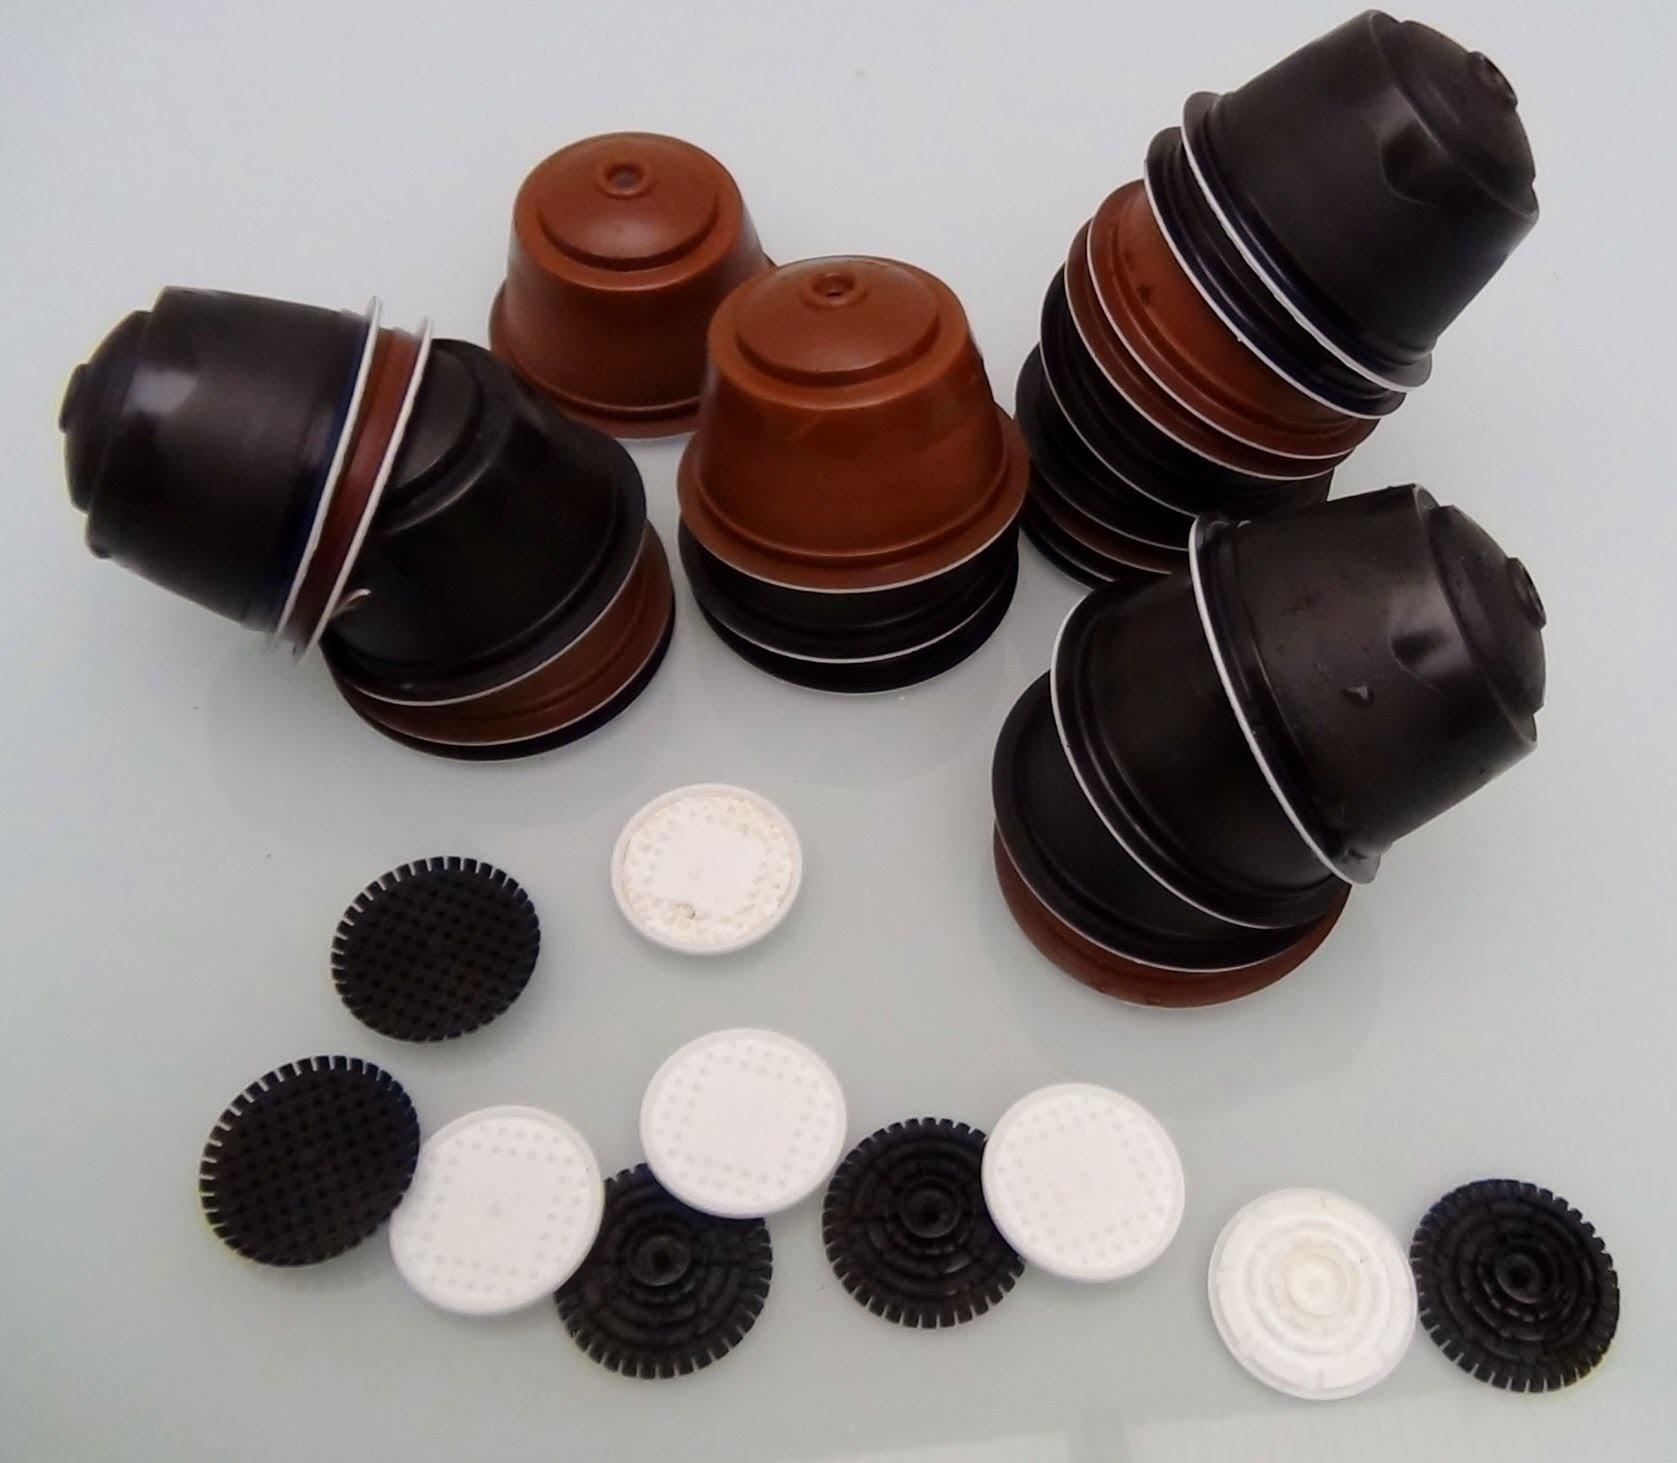 How to prepare Dolce Gusto coffee capsules - Cómo preparar las cápsulas de café Dolce Gusto